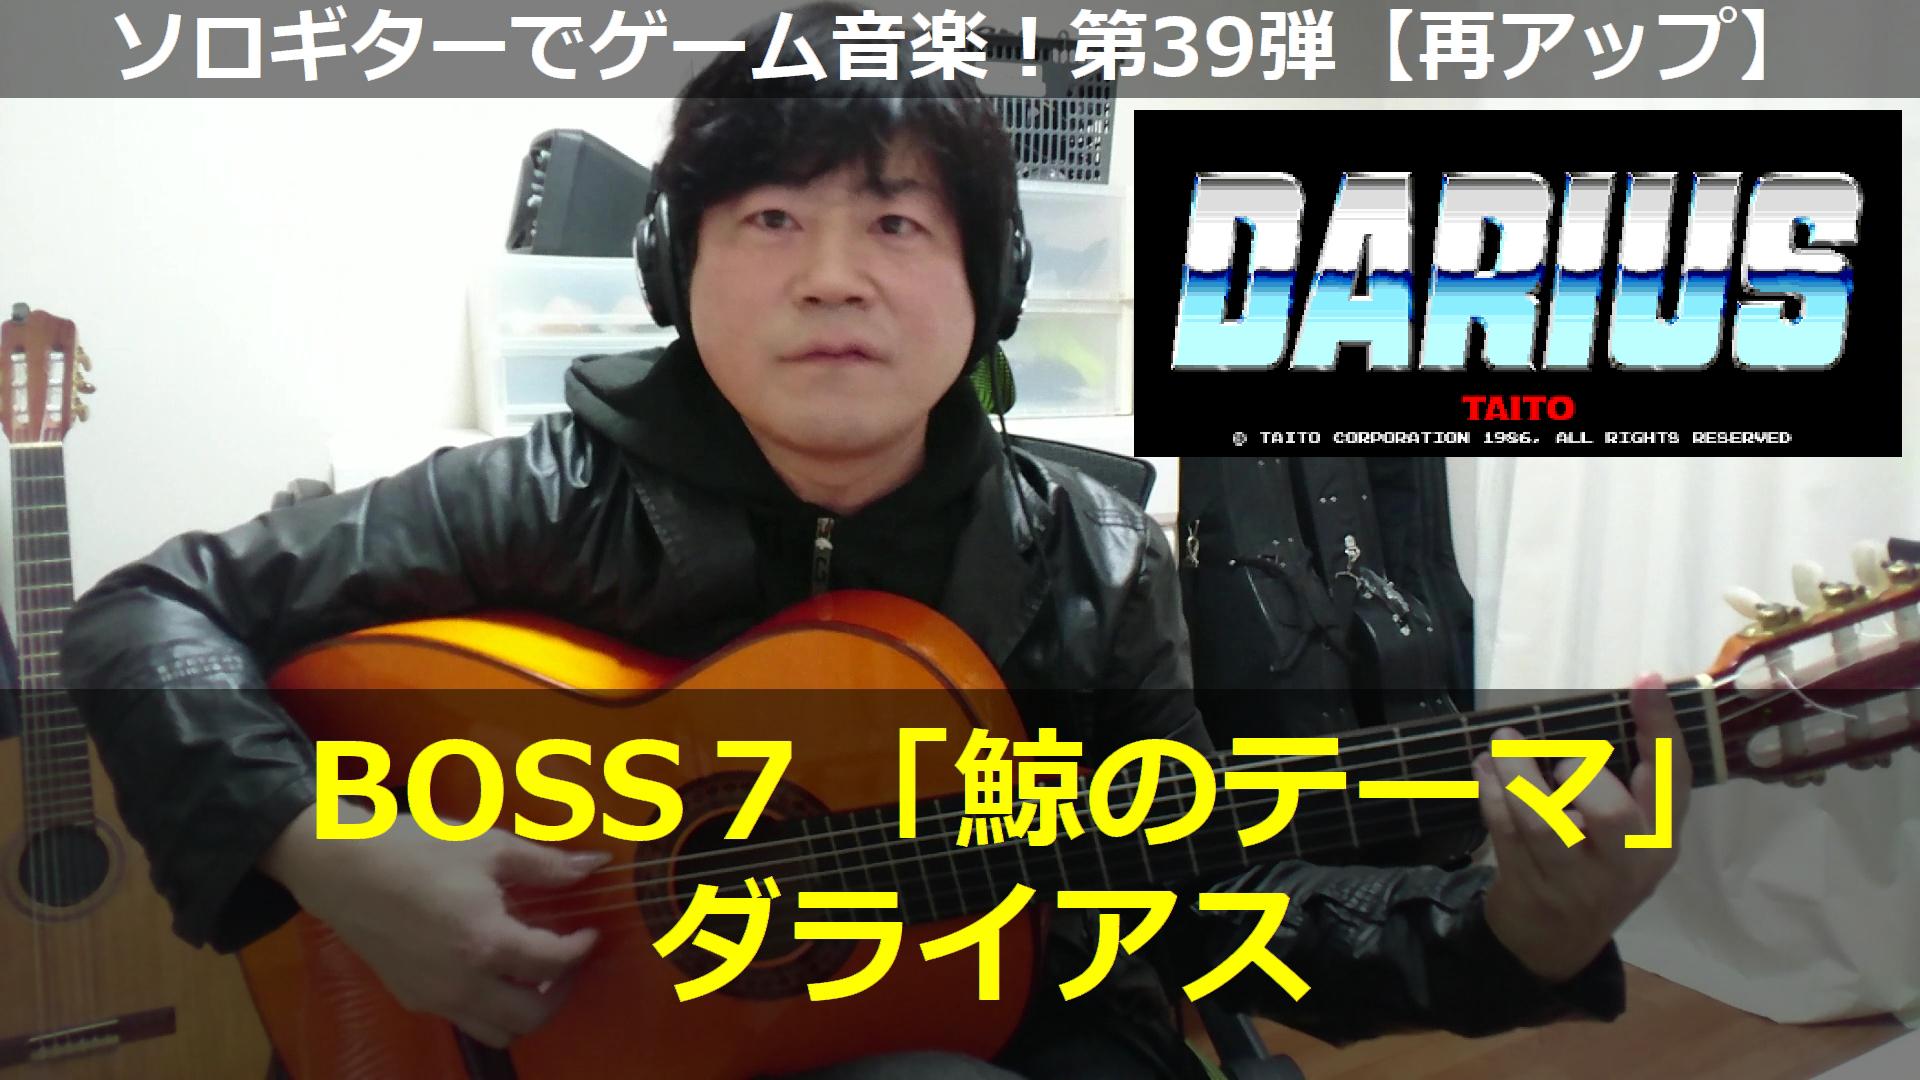 ダライアス BOSS7 ギター演奏